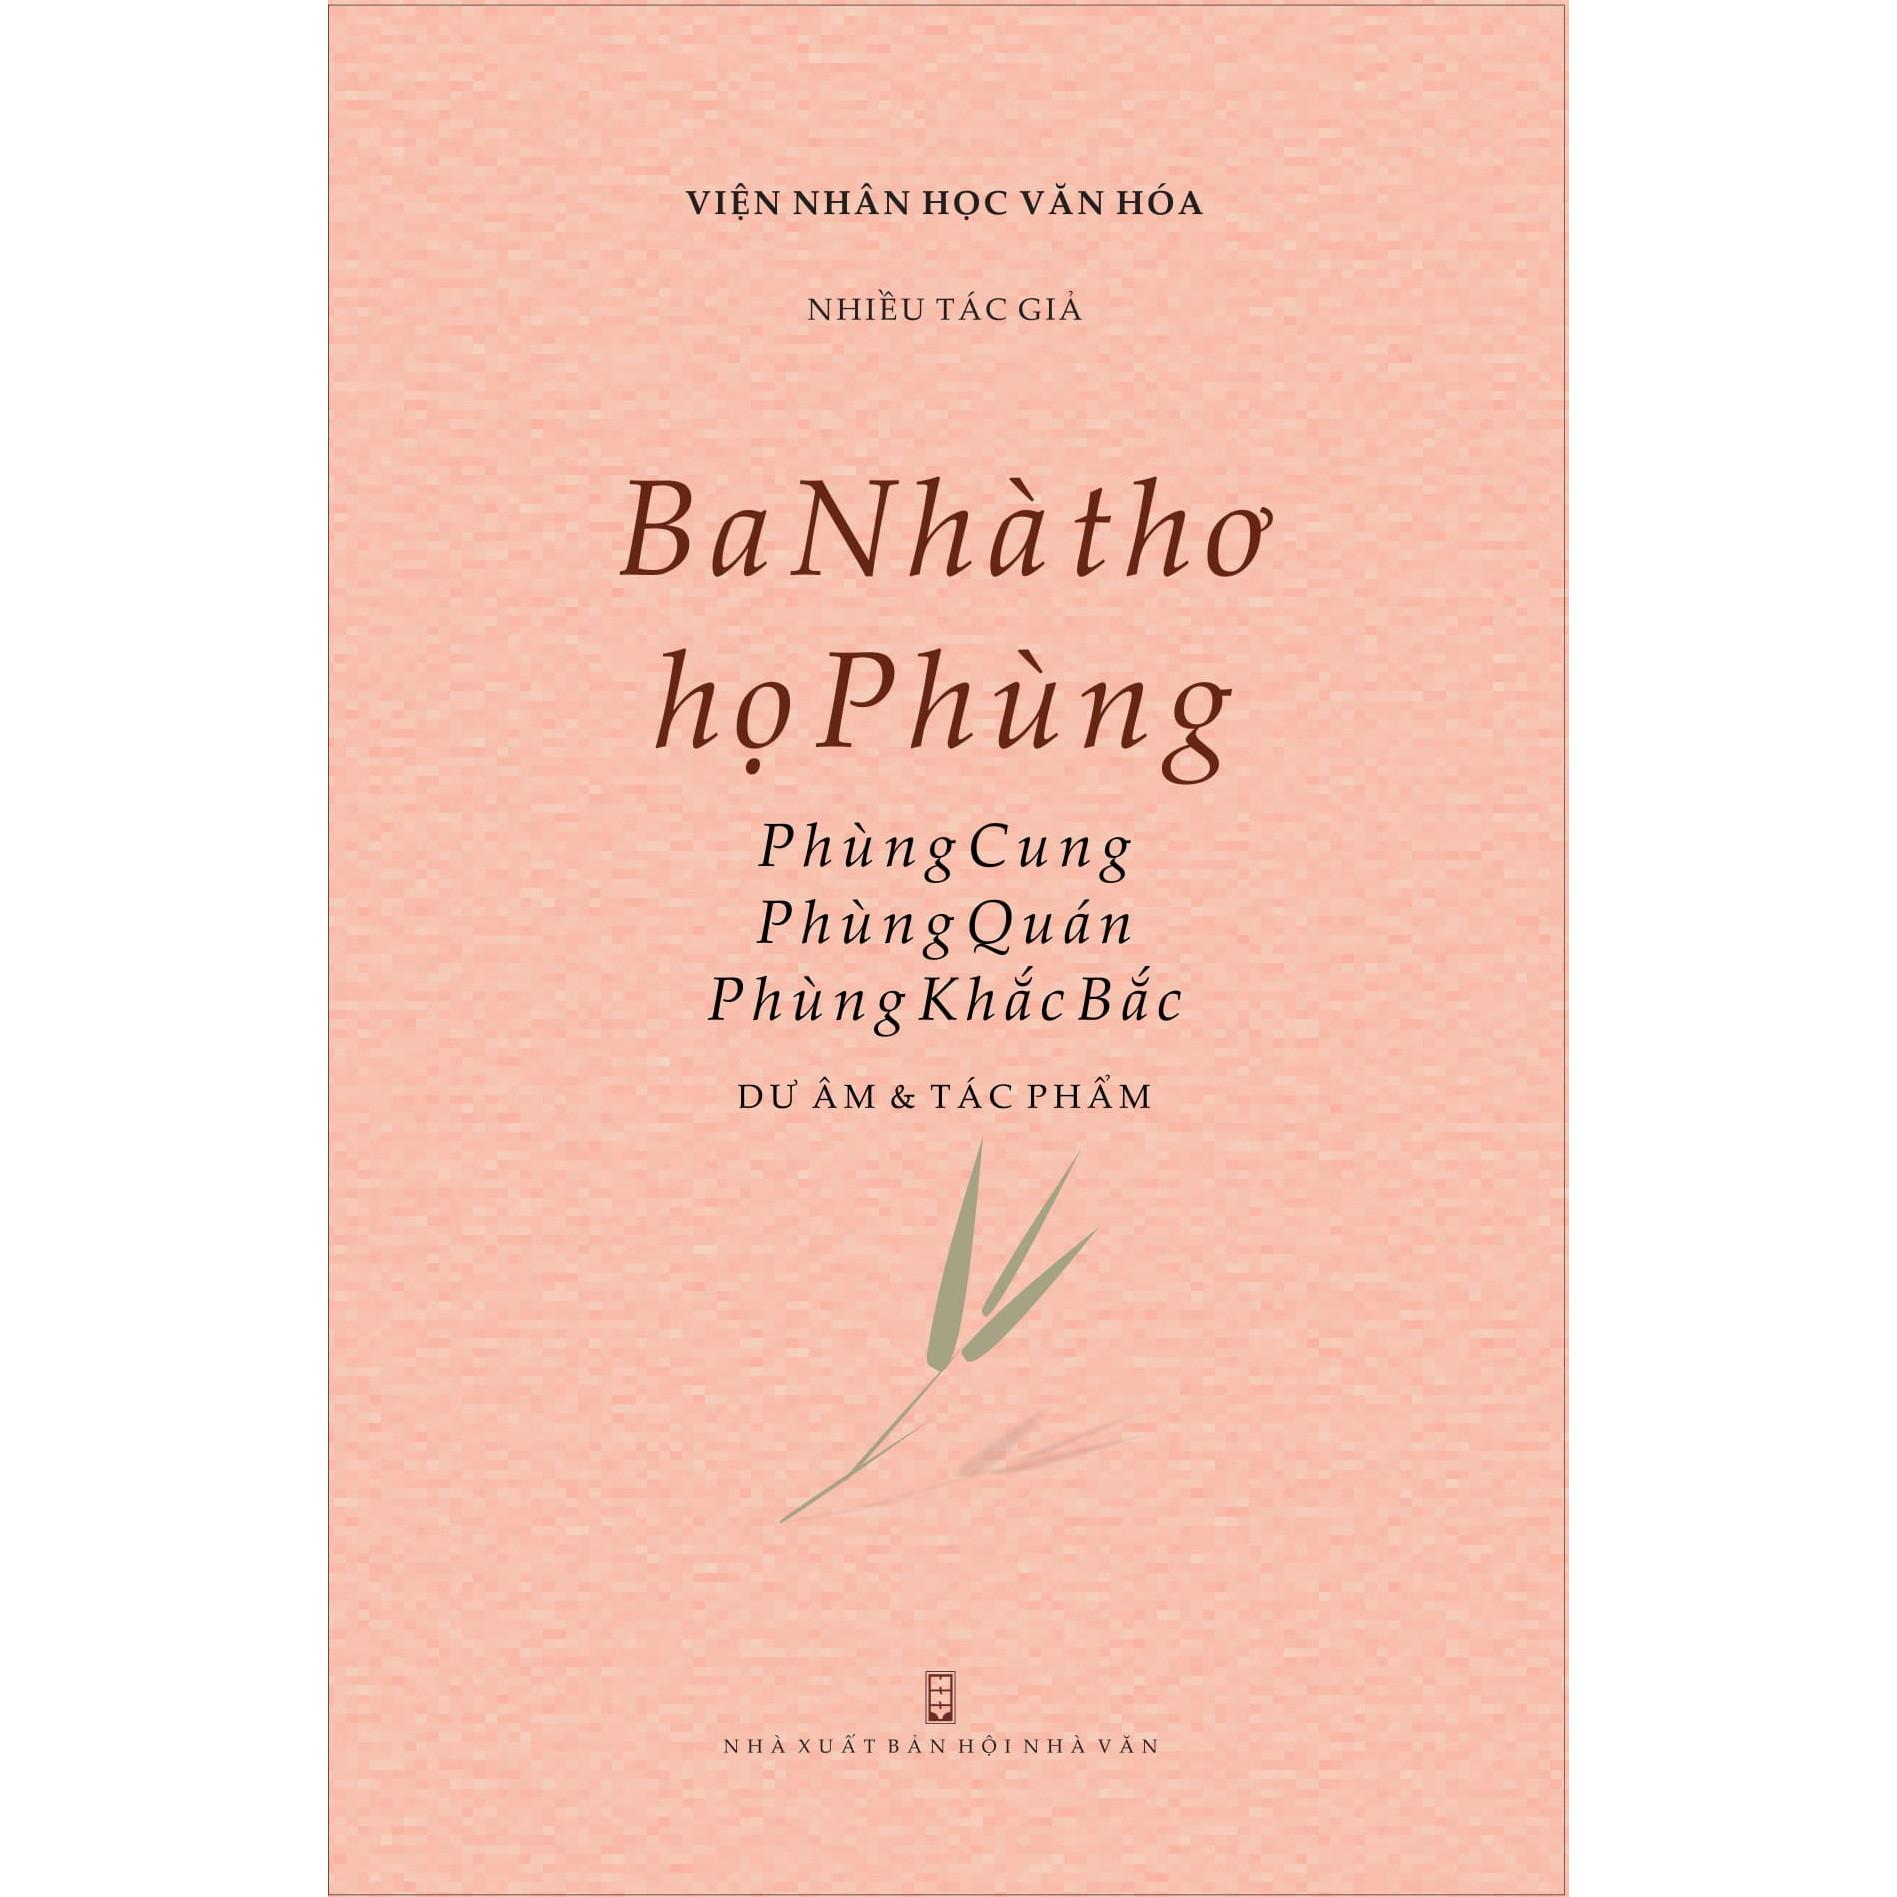 Ba Nhà thơ họ Phùng: Phùng Cung, Phùng Quán, Phùng Khắc Bắc